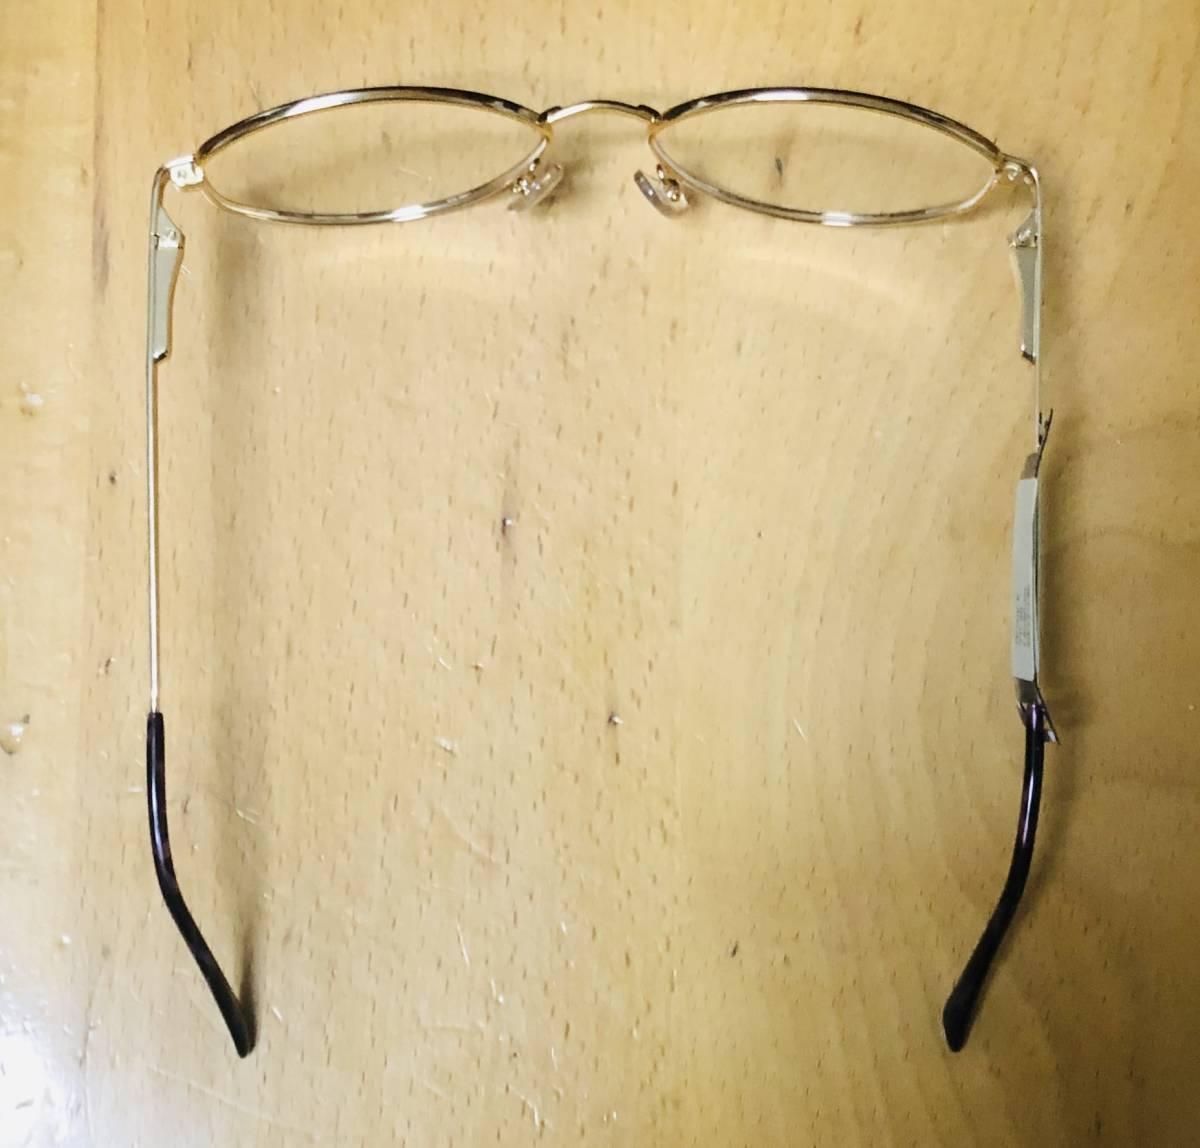 【1980年代/新品】 宝石柄 ピンク紫 アメリカンオプティカル AO American Optical メガネ 米国ブランド ビンテージ / ヴィンテージ_画像7